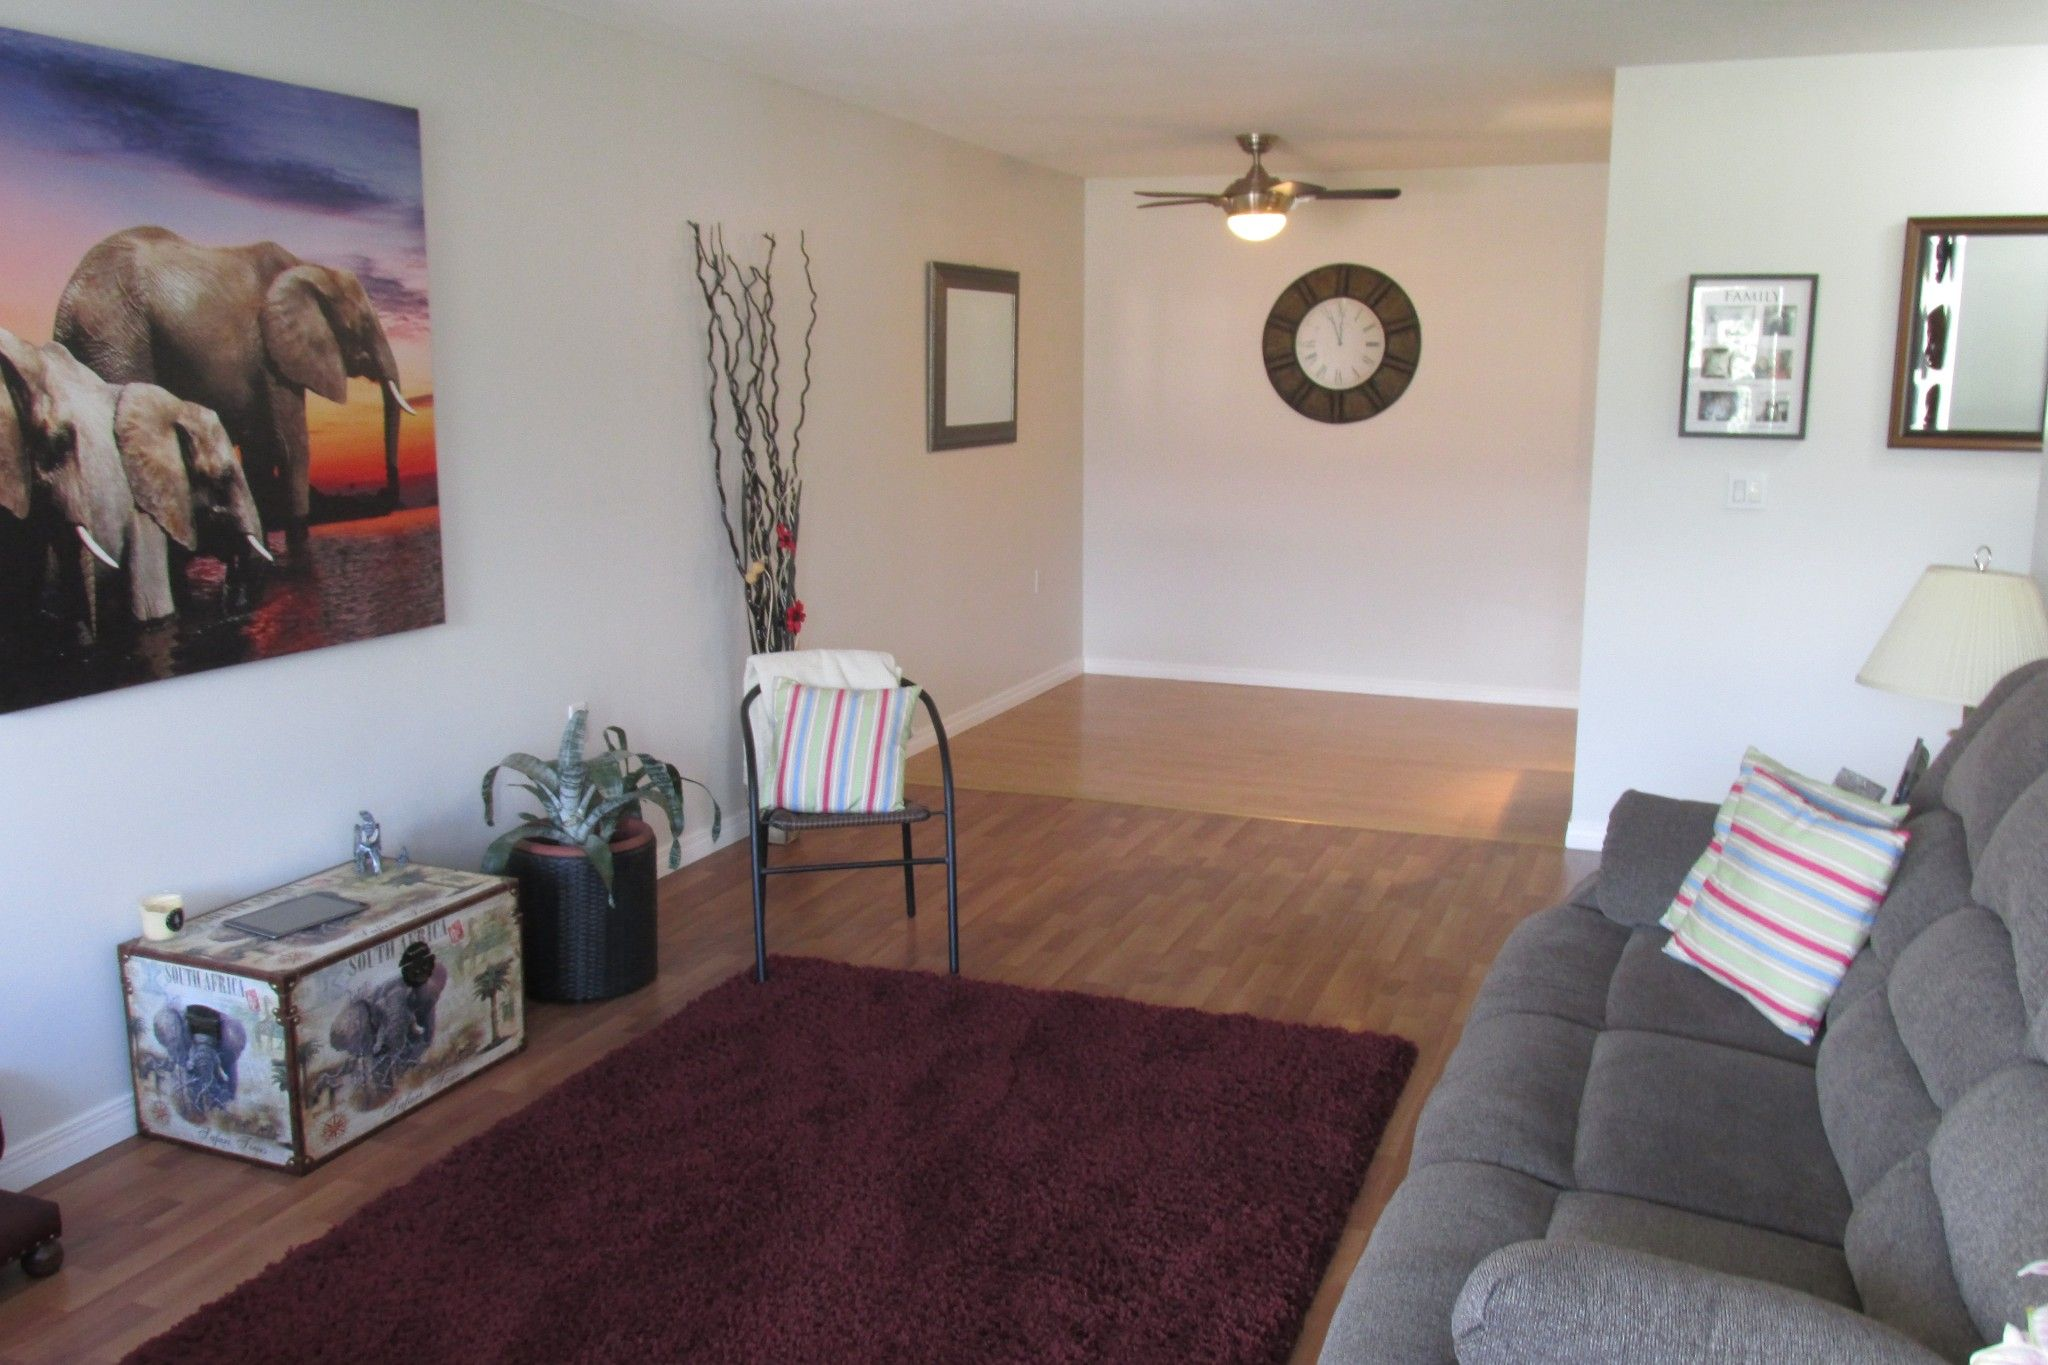 Photo 6: Photos: #406 3700 28A St in Vernon: City of Vernon Condo for sale : MLS®# 10184299